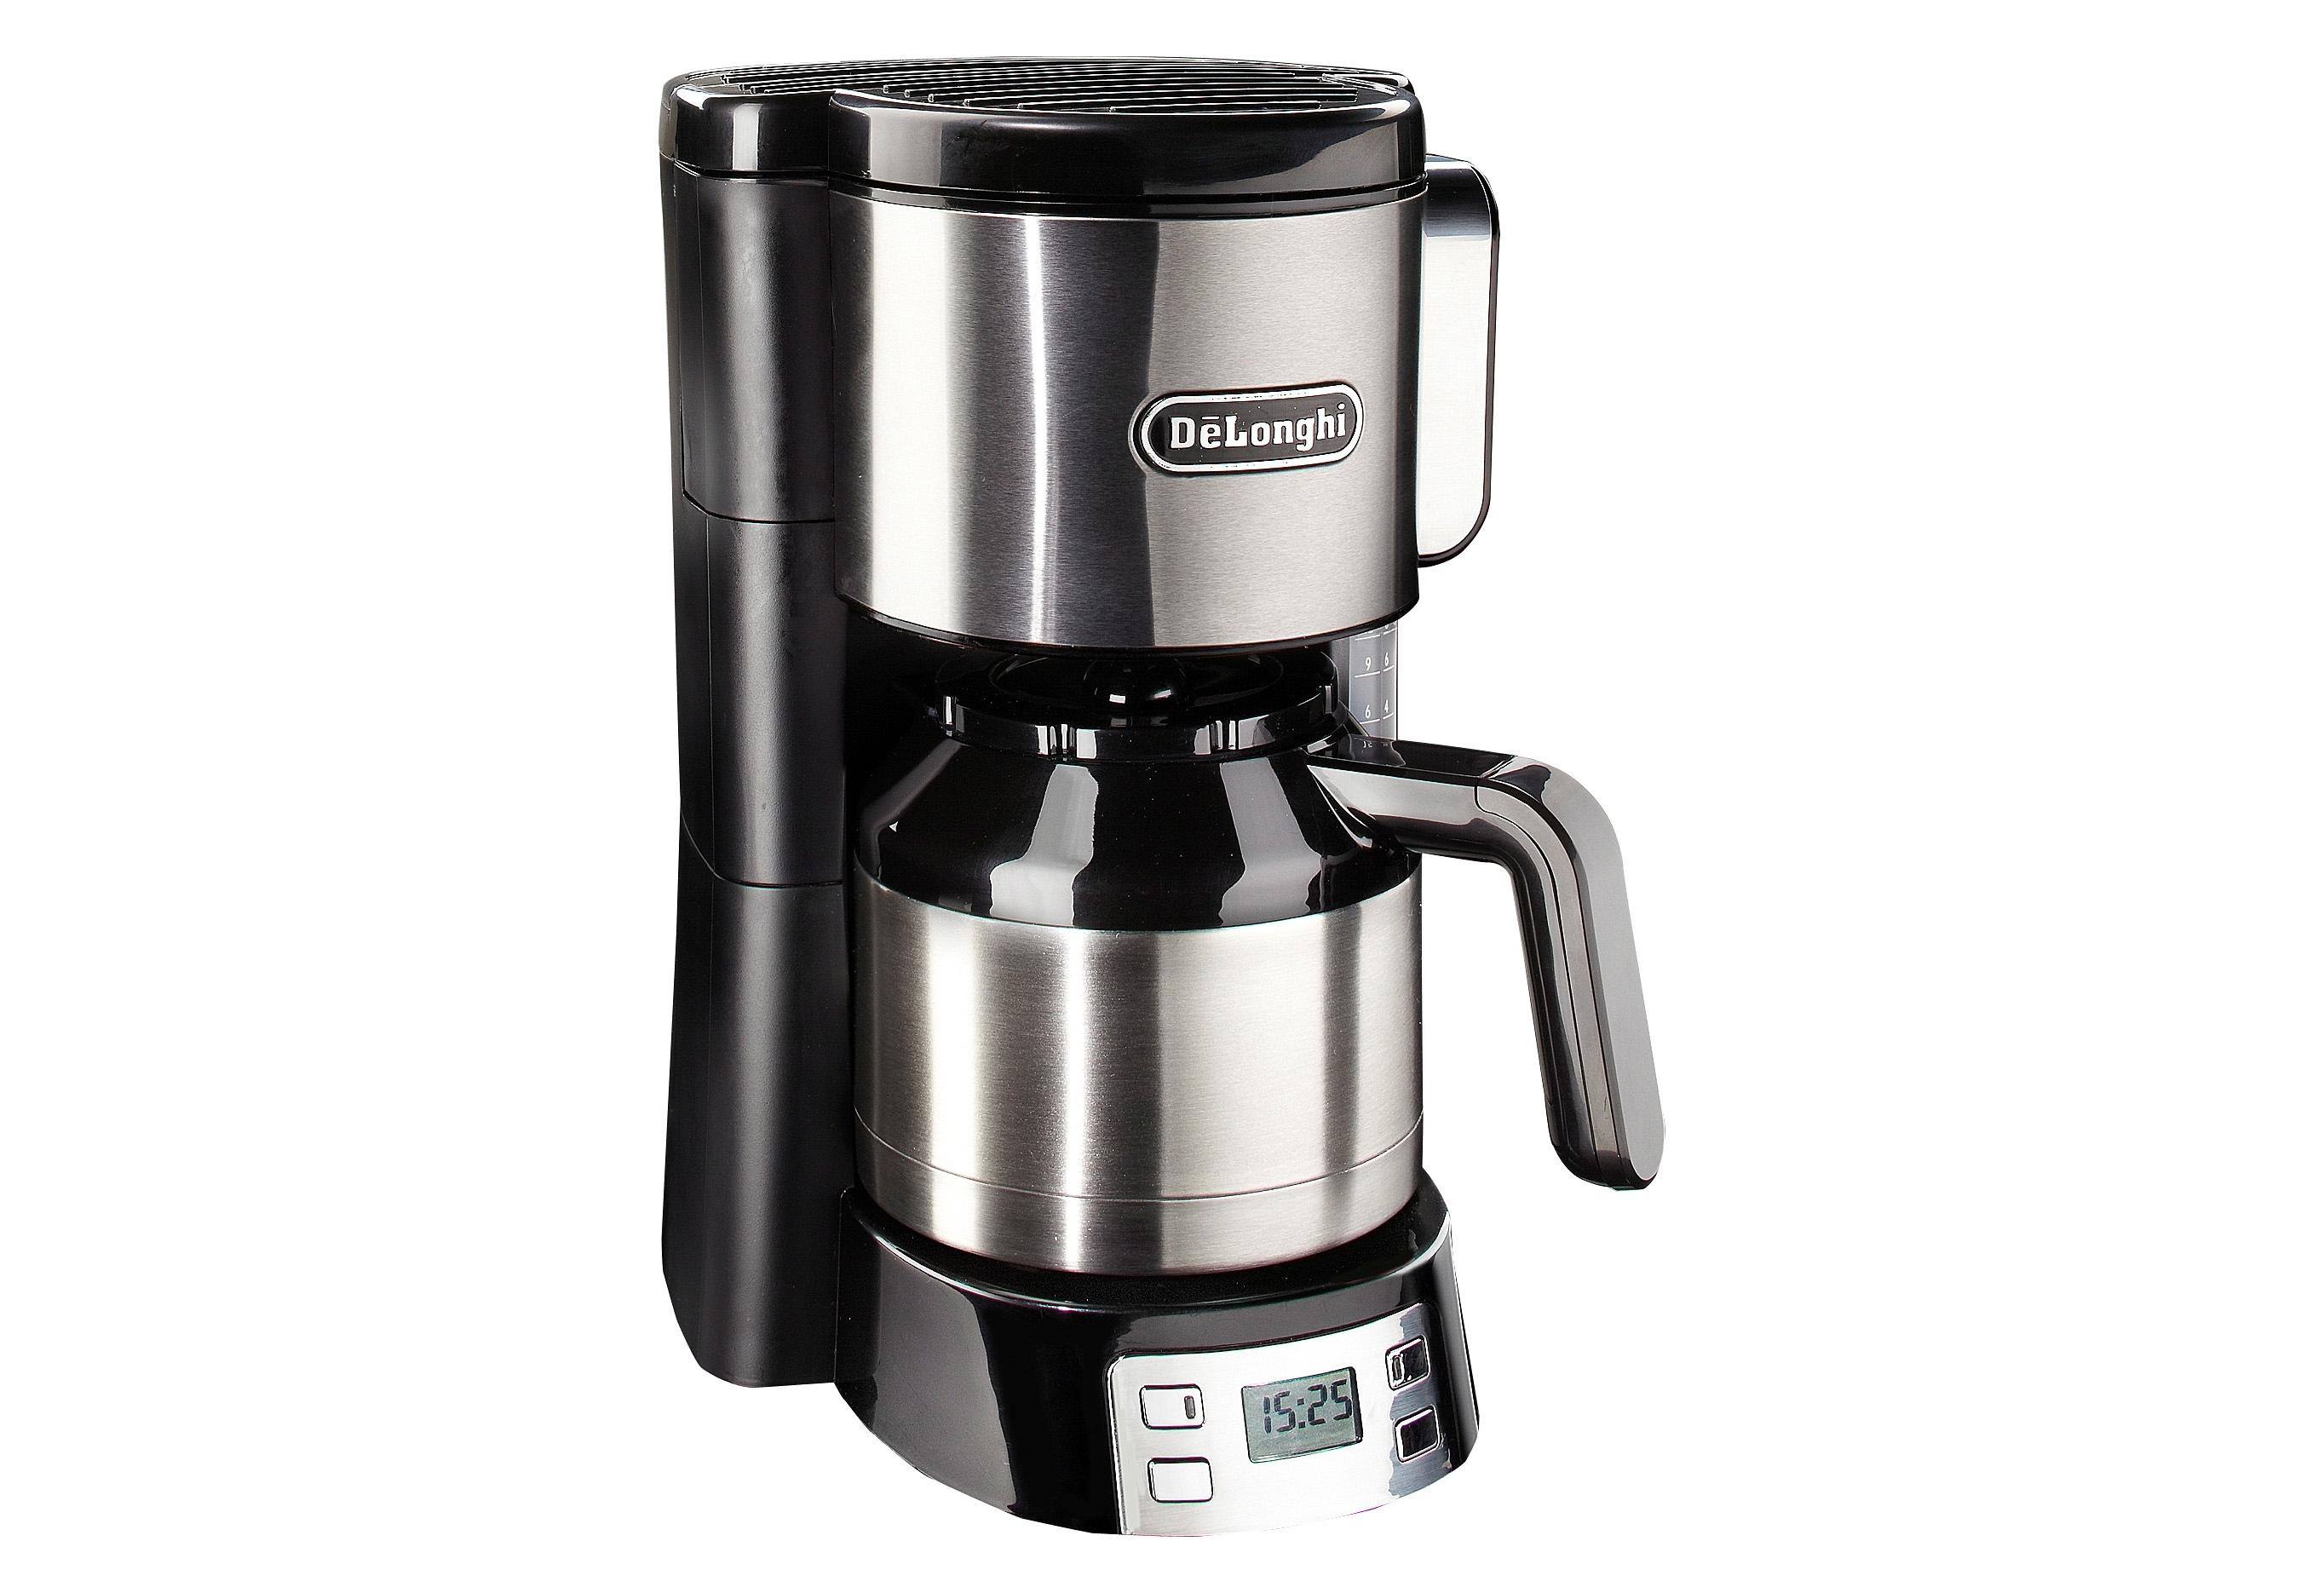 Op zoek naar een De'longhi DeLonghi Koffiezetapparaat ICM 15750, met thermoskan, edelstaal/zwart? Koop online bij OTTO